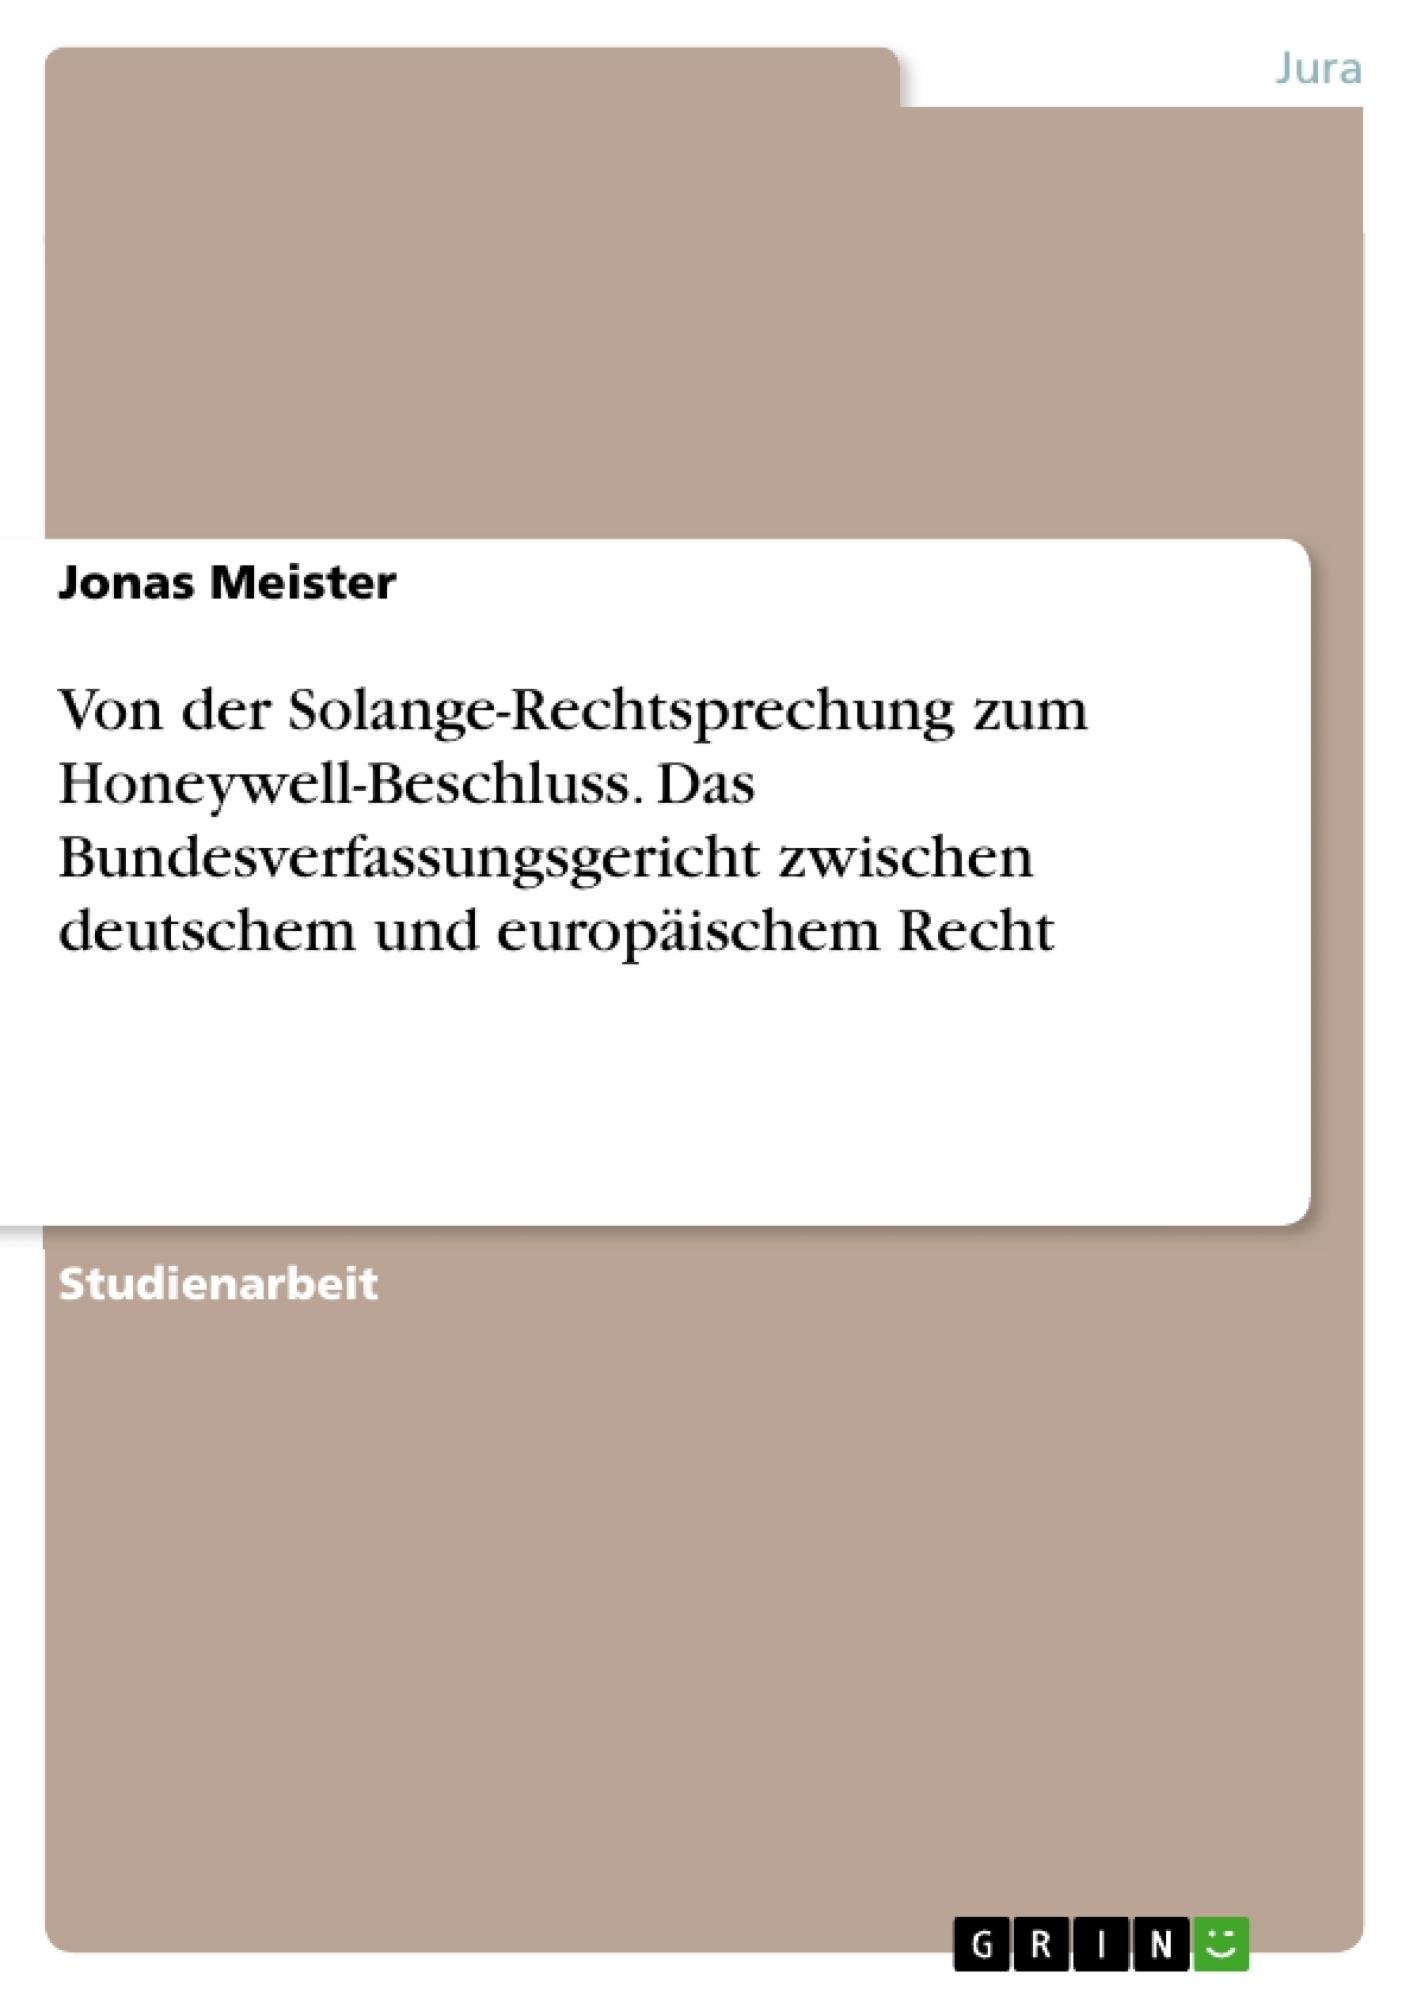 Titel: Von der Solange-Rechtsprechung zum Honeywell-Beschluss. Das Bundesverfassungsgericht zwischen deutschem und europäischem Recht